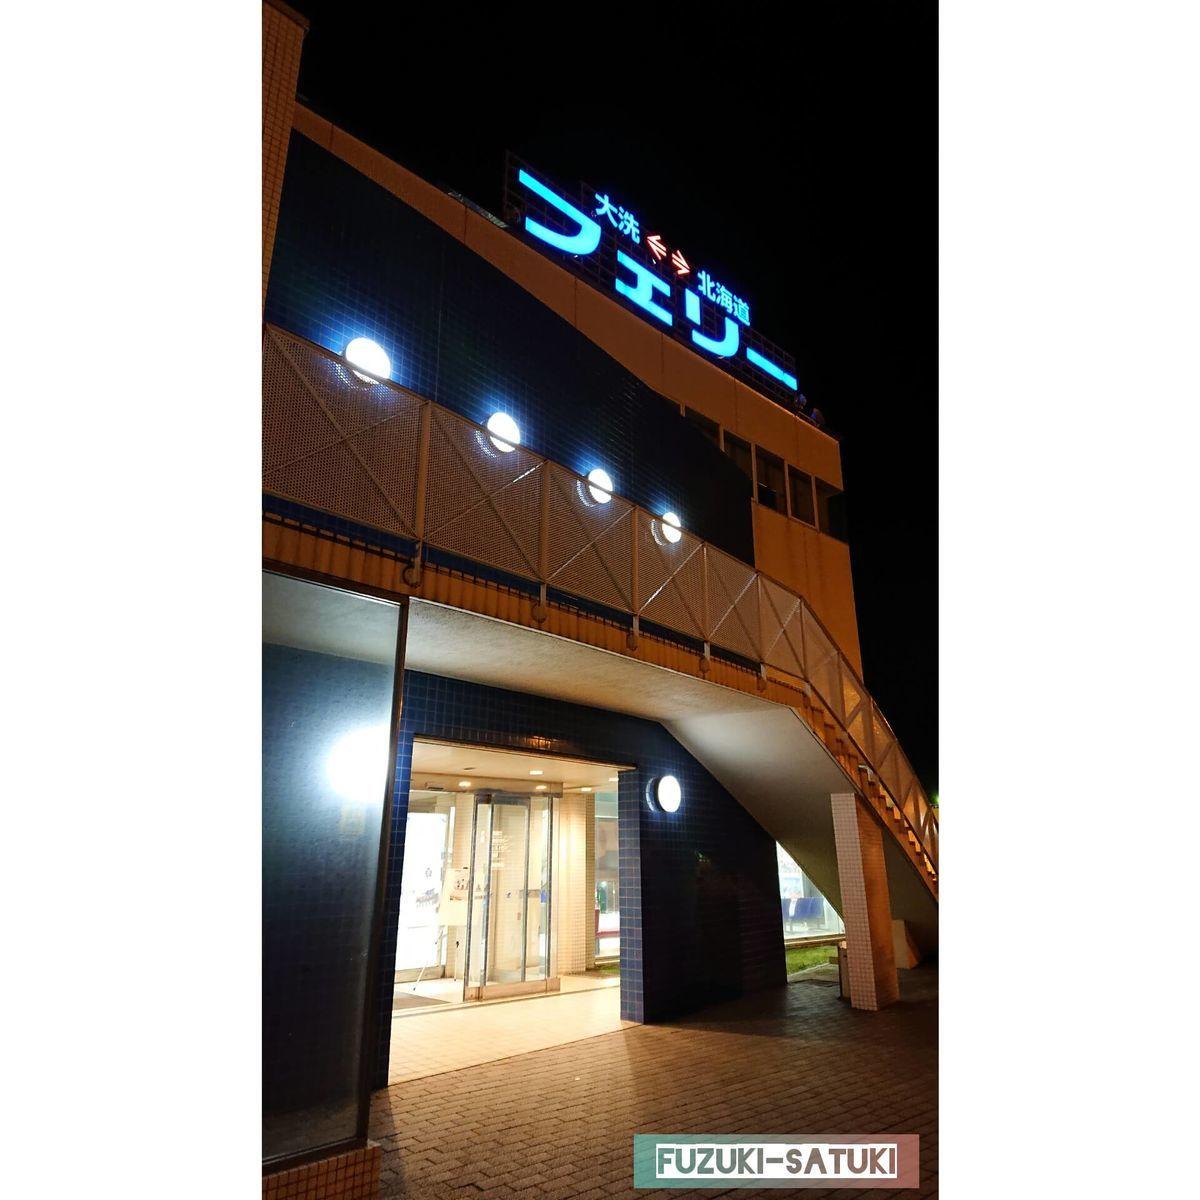 夜の大洗フェリーターミナル外観の写真